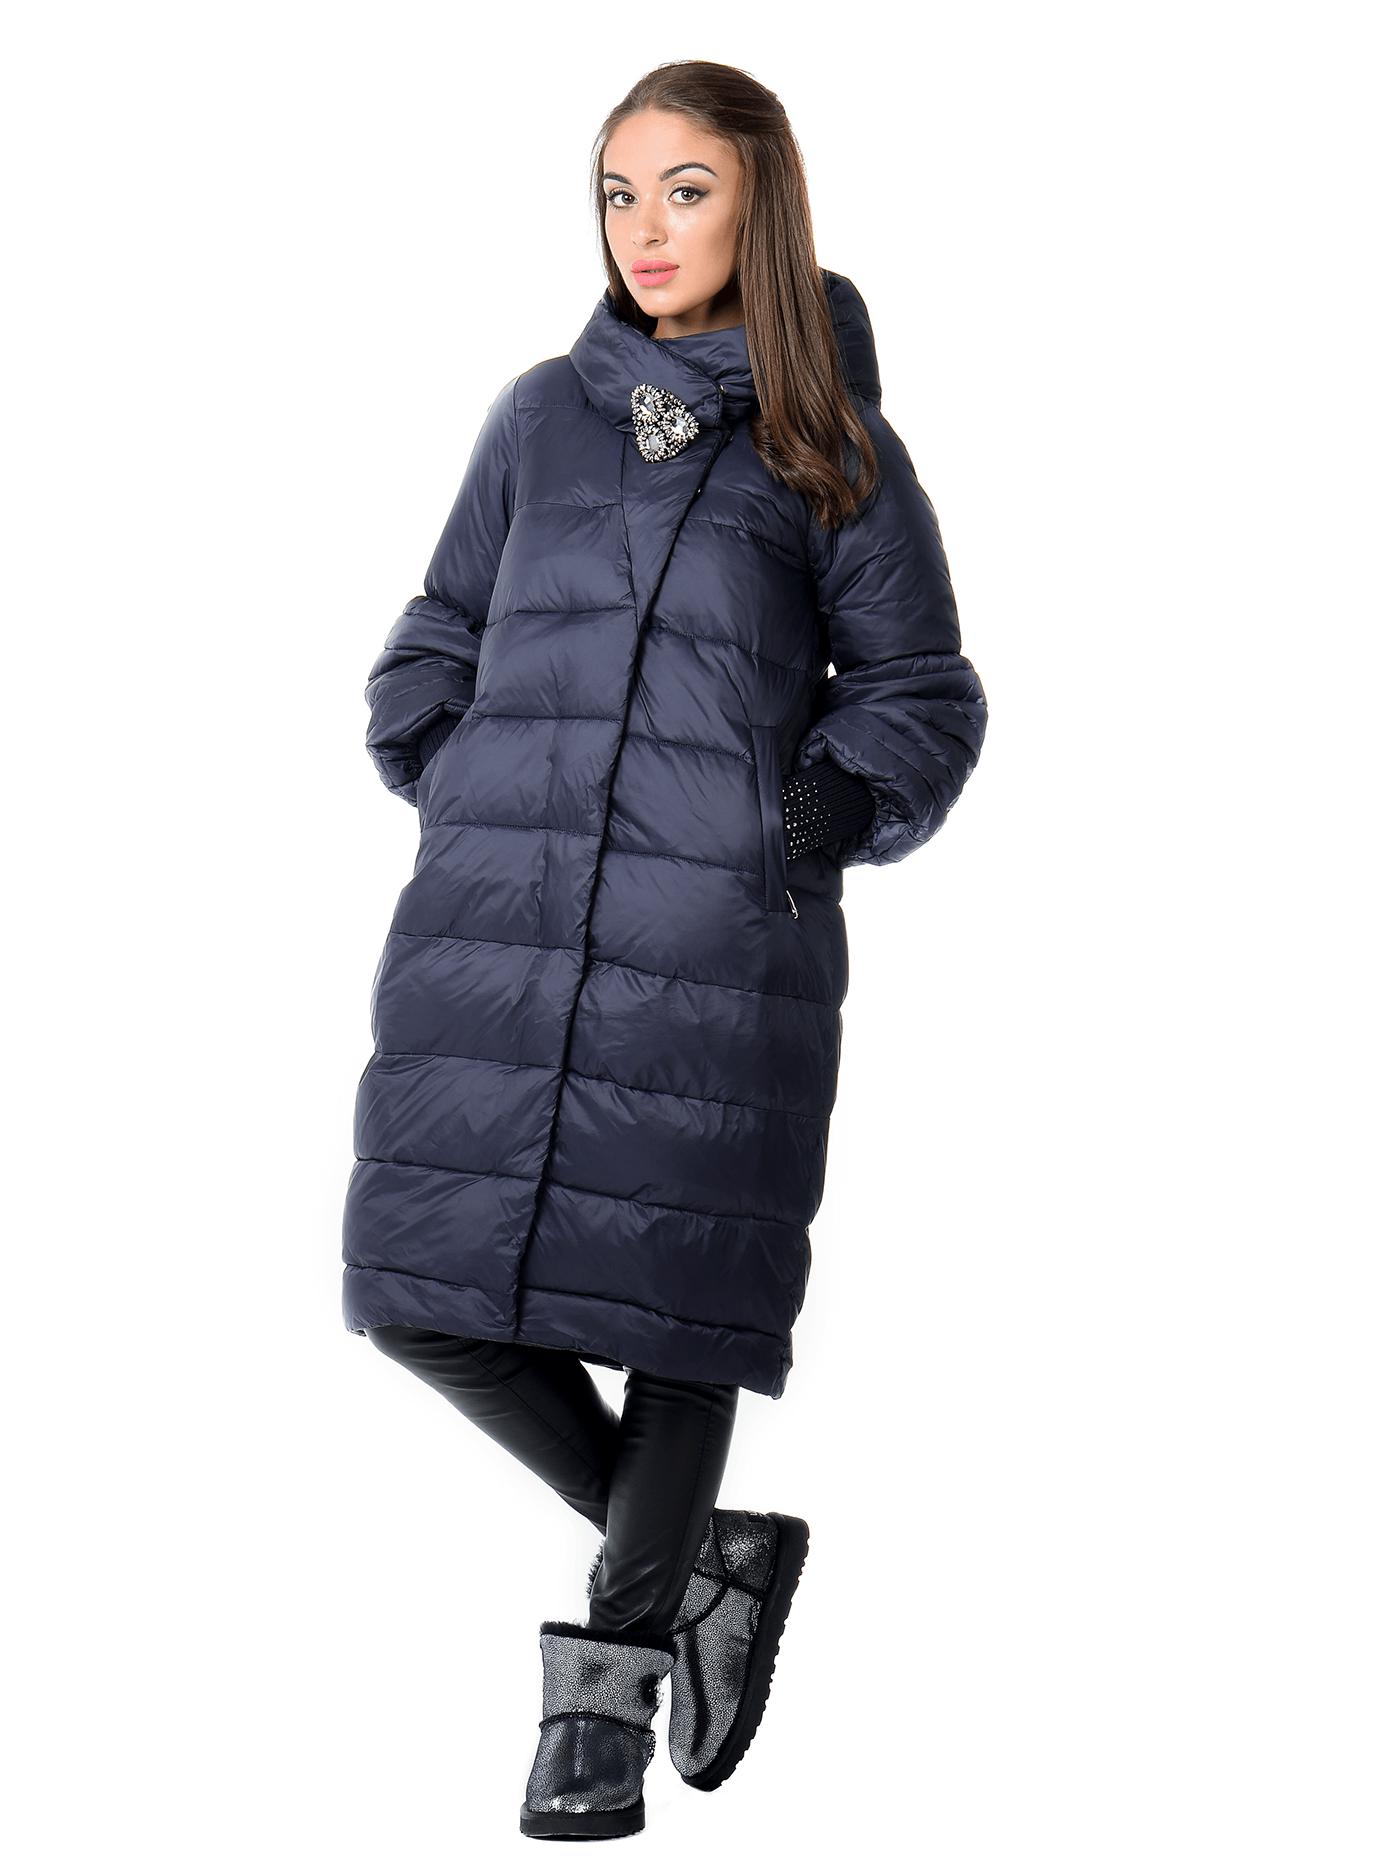 Куртка женская зимняя с капюшоном Тёмно-синий L (05-AB9090): фото - Alster.ua